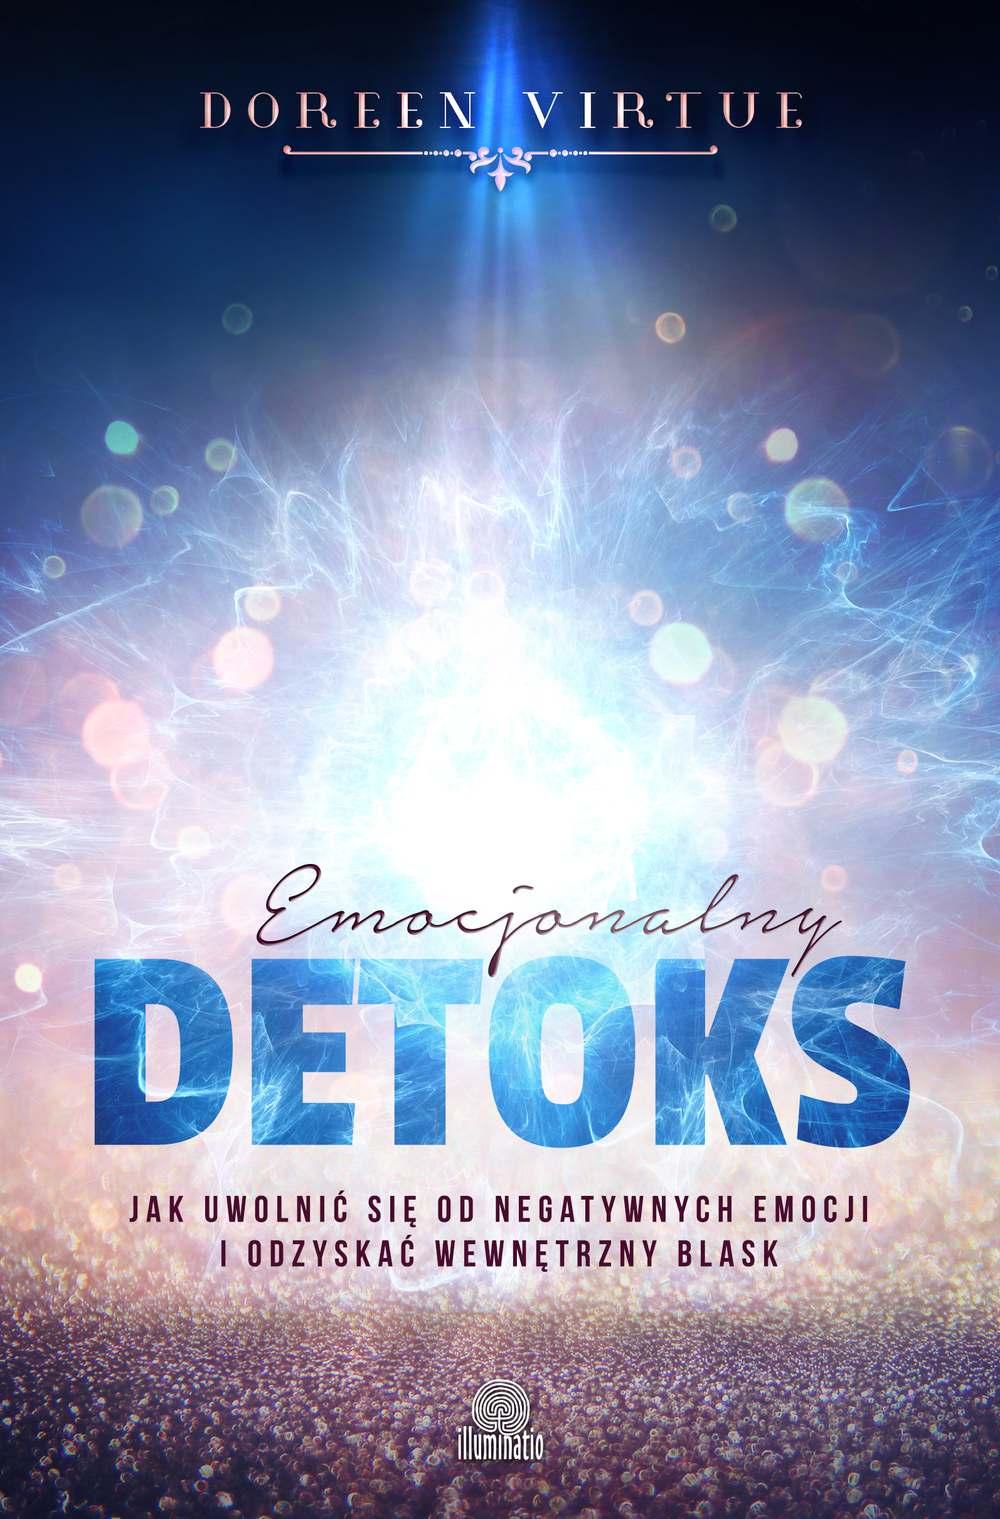 Emocjonalny detoks. Jak uwolnić się od negatywnych emocji i odzyskać wewnętrzny blask - Ebook (Książka na Kindle) do pobrania w formacie MOBI